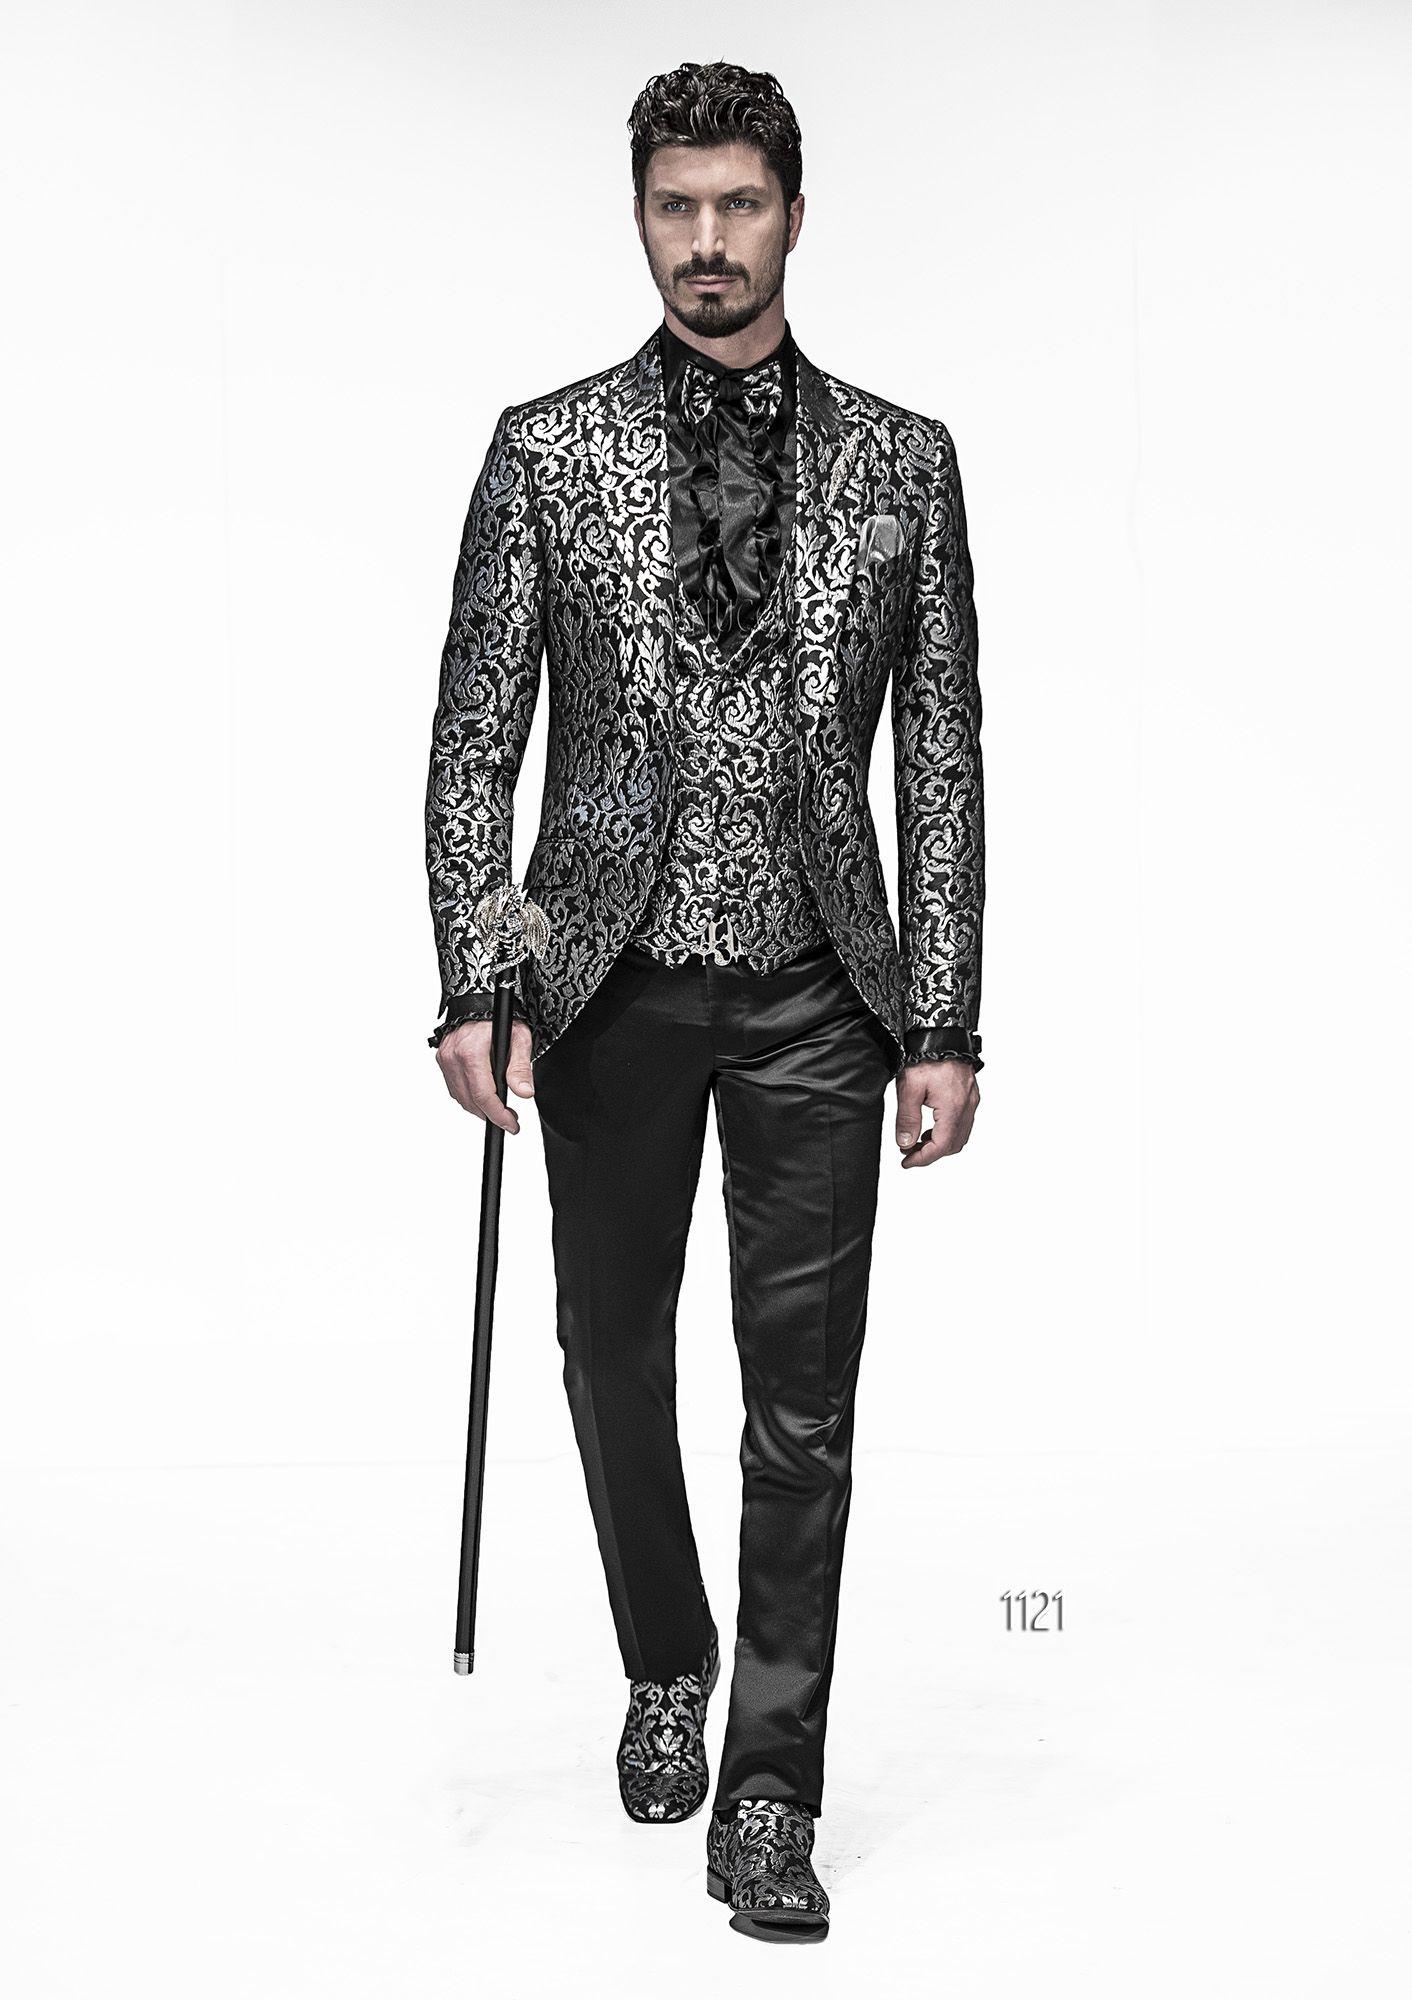 foto ufficiali 2626a 05849 Abito sposo con giacca damascata nero e argento | Stile nel ...